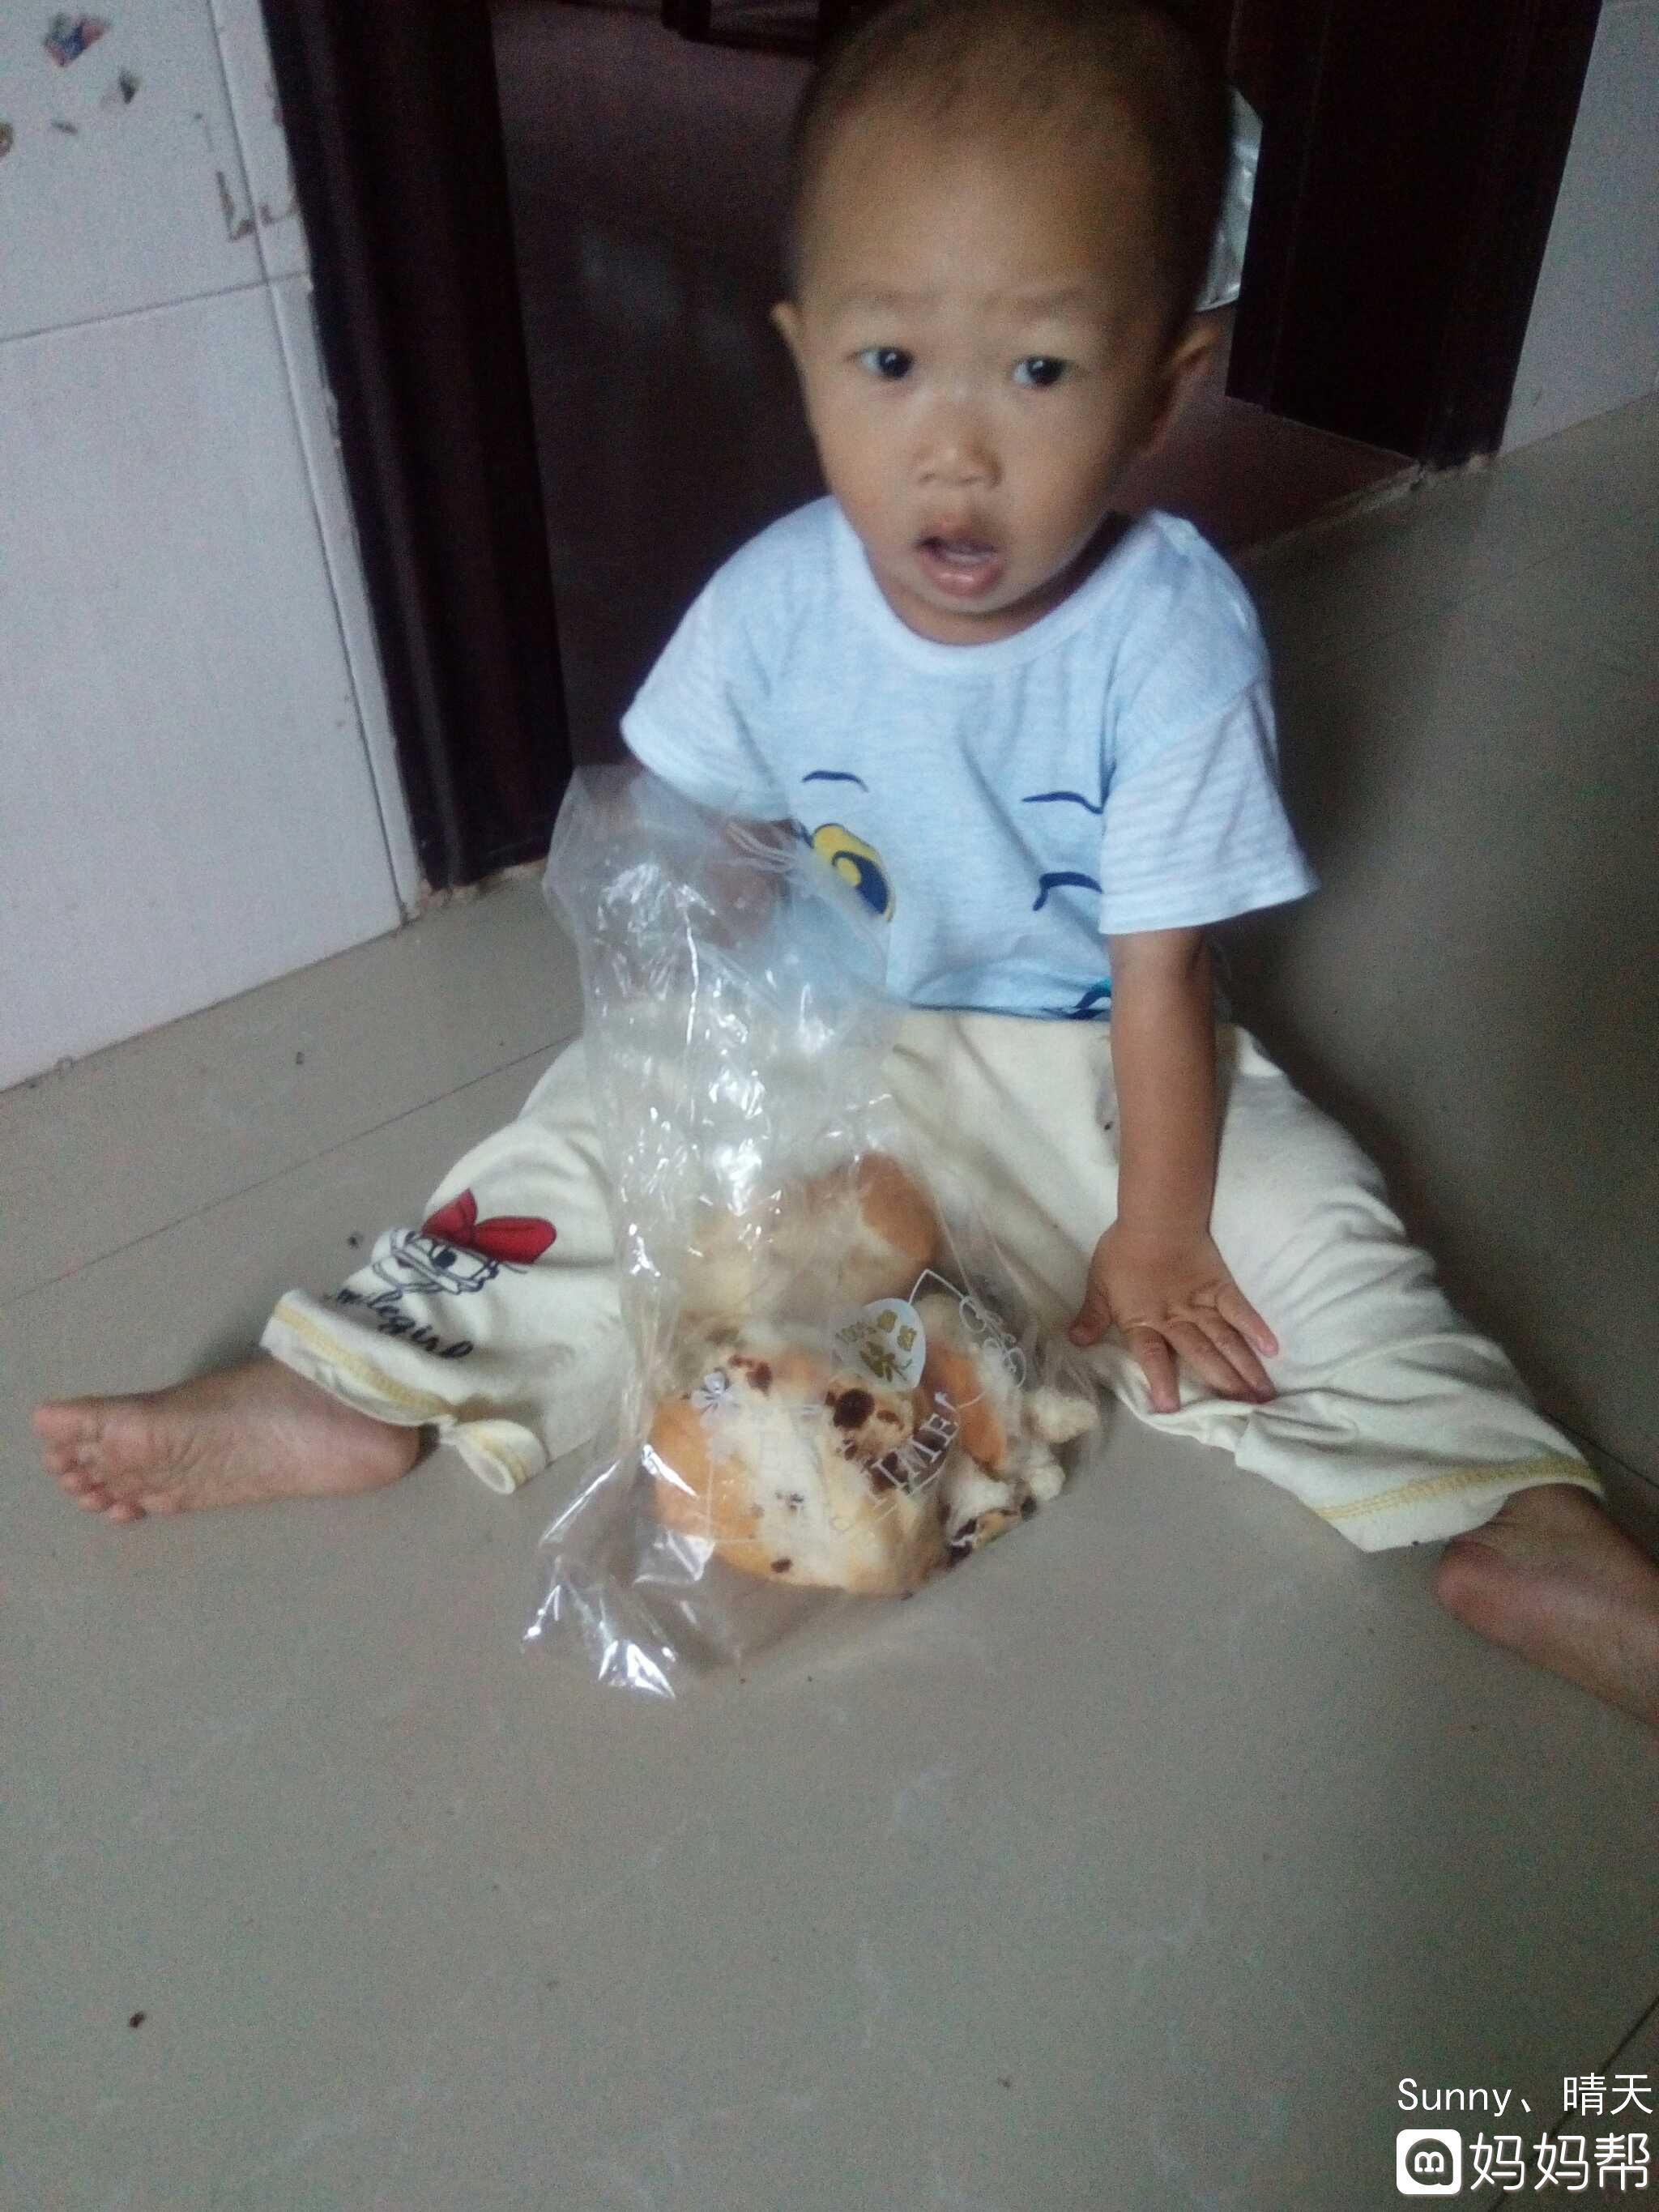 【每日一照】第2天,吃面包 宝宝一岁5月